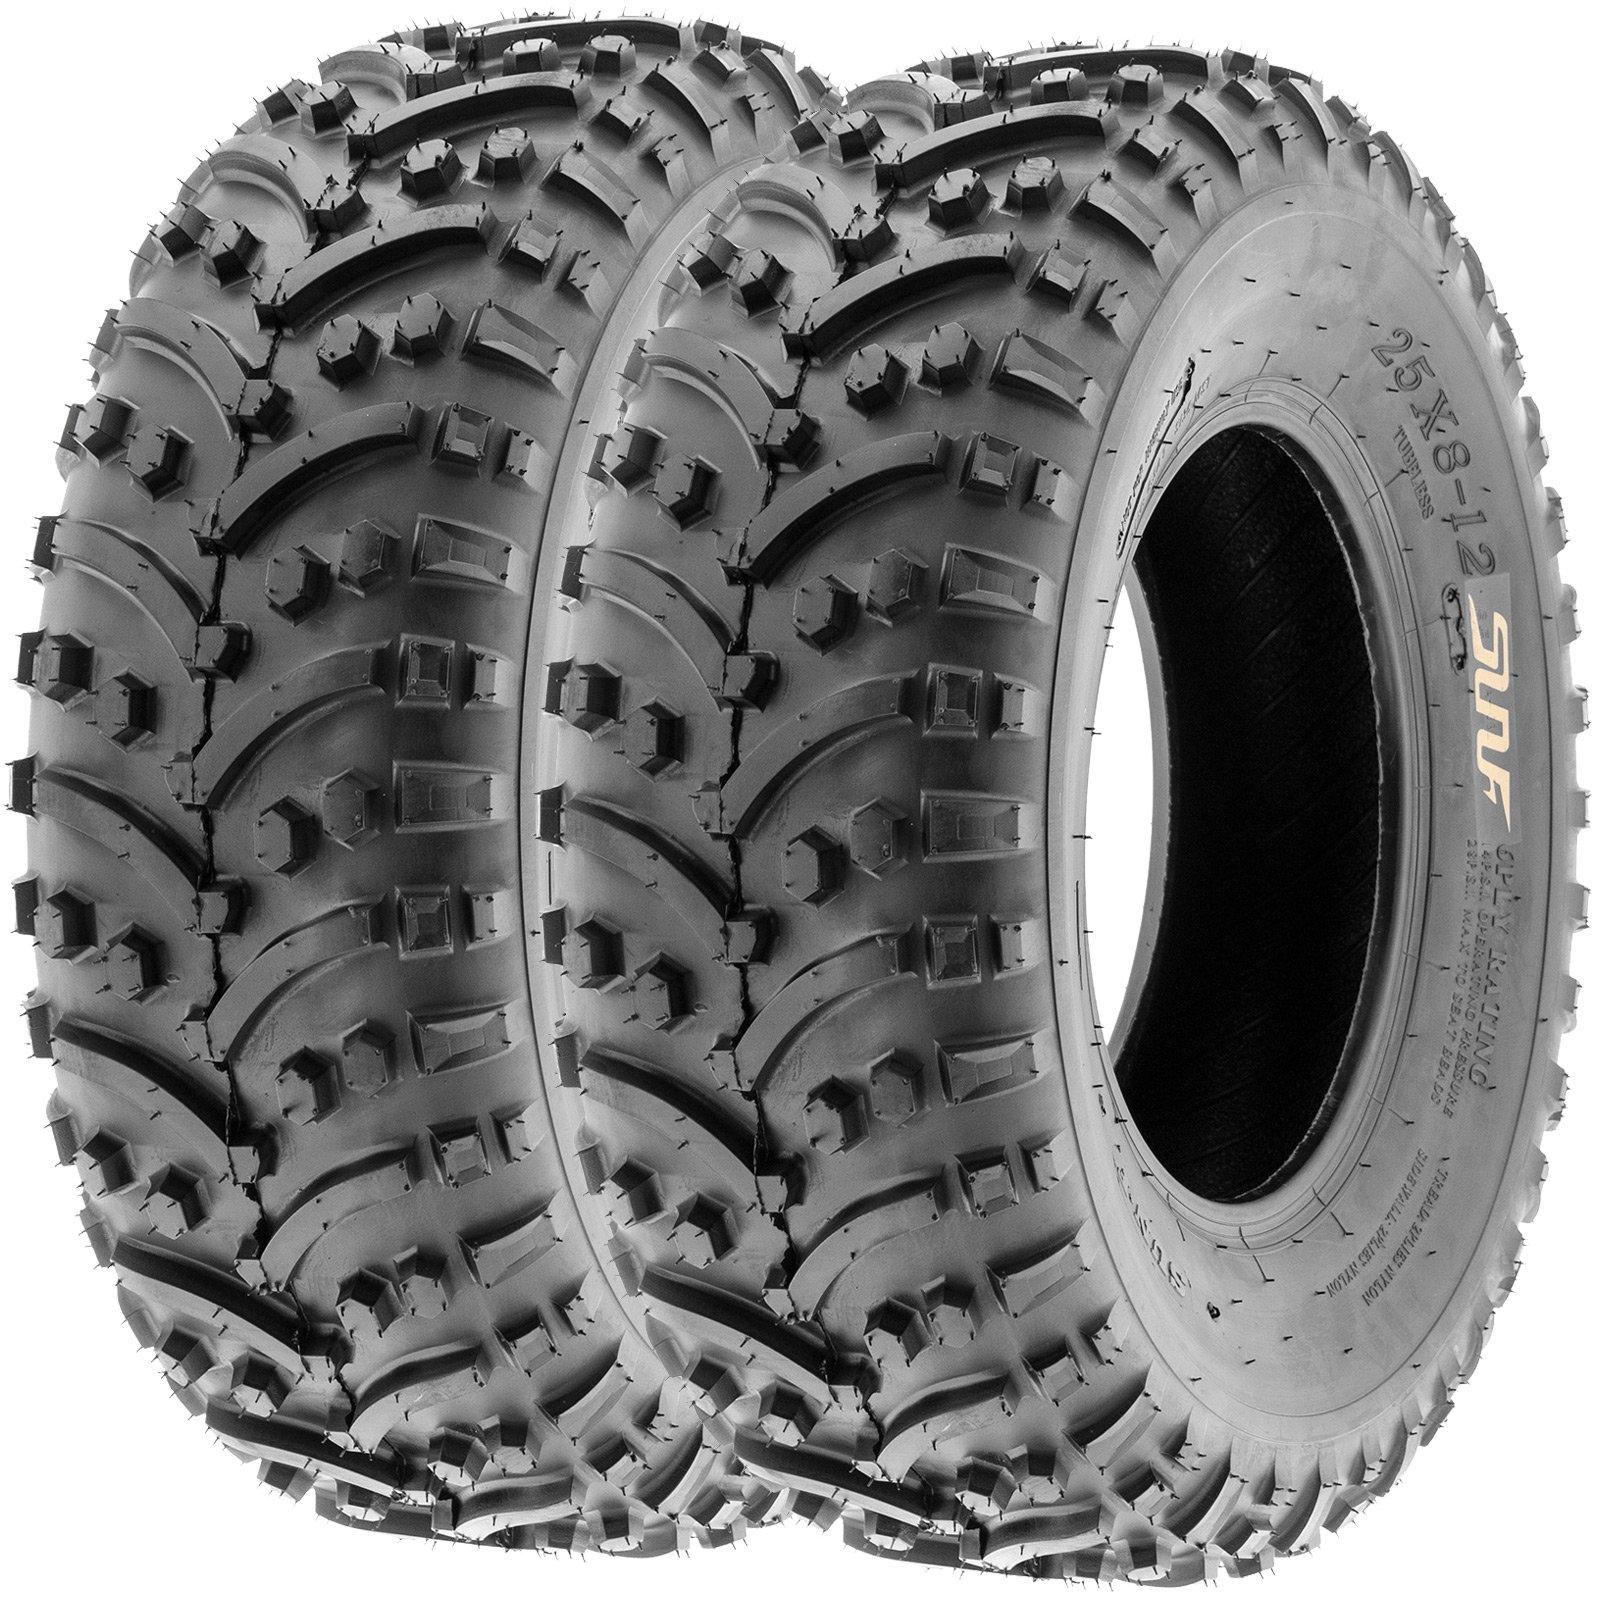 SunF Sport ATV UTV Tires 25x8-12 25x8x12 6 PR A032 (Set pair of 2)